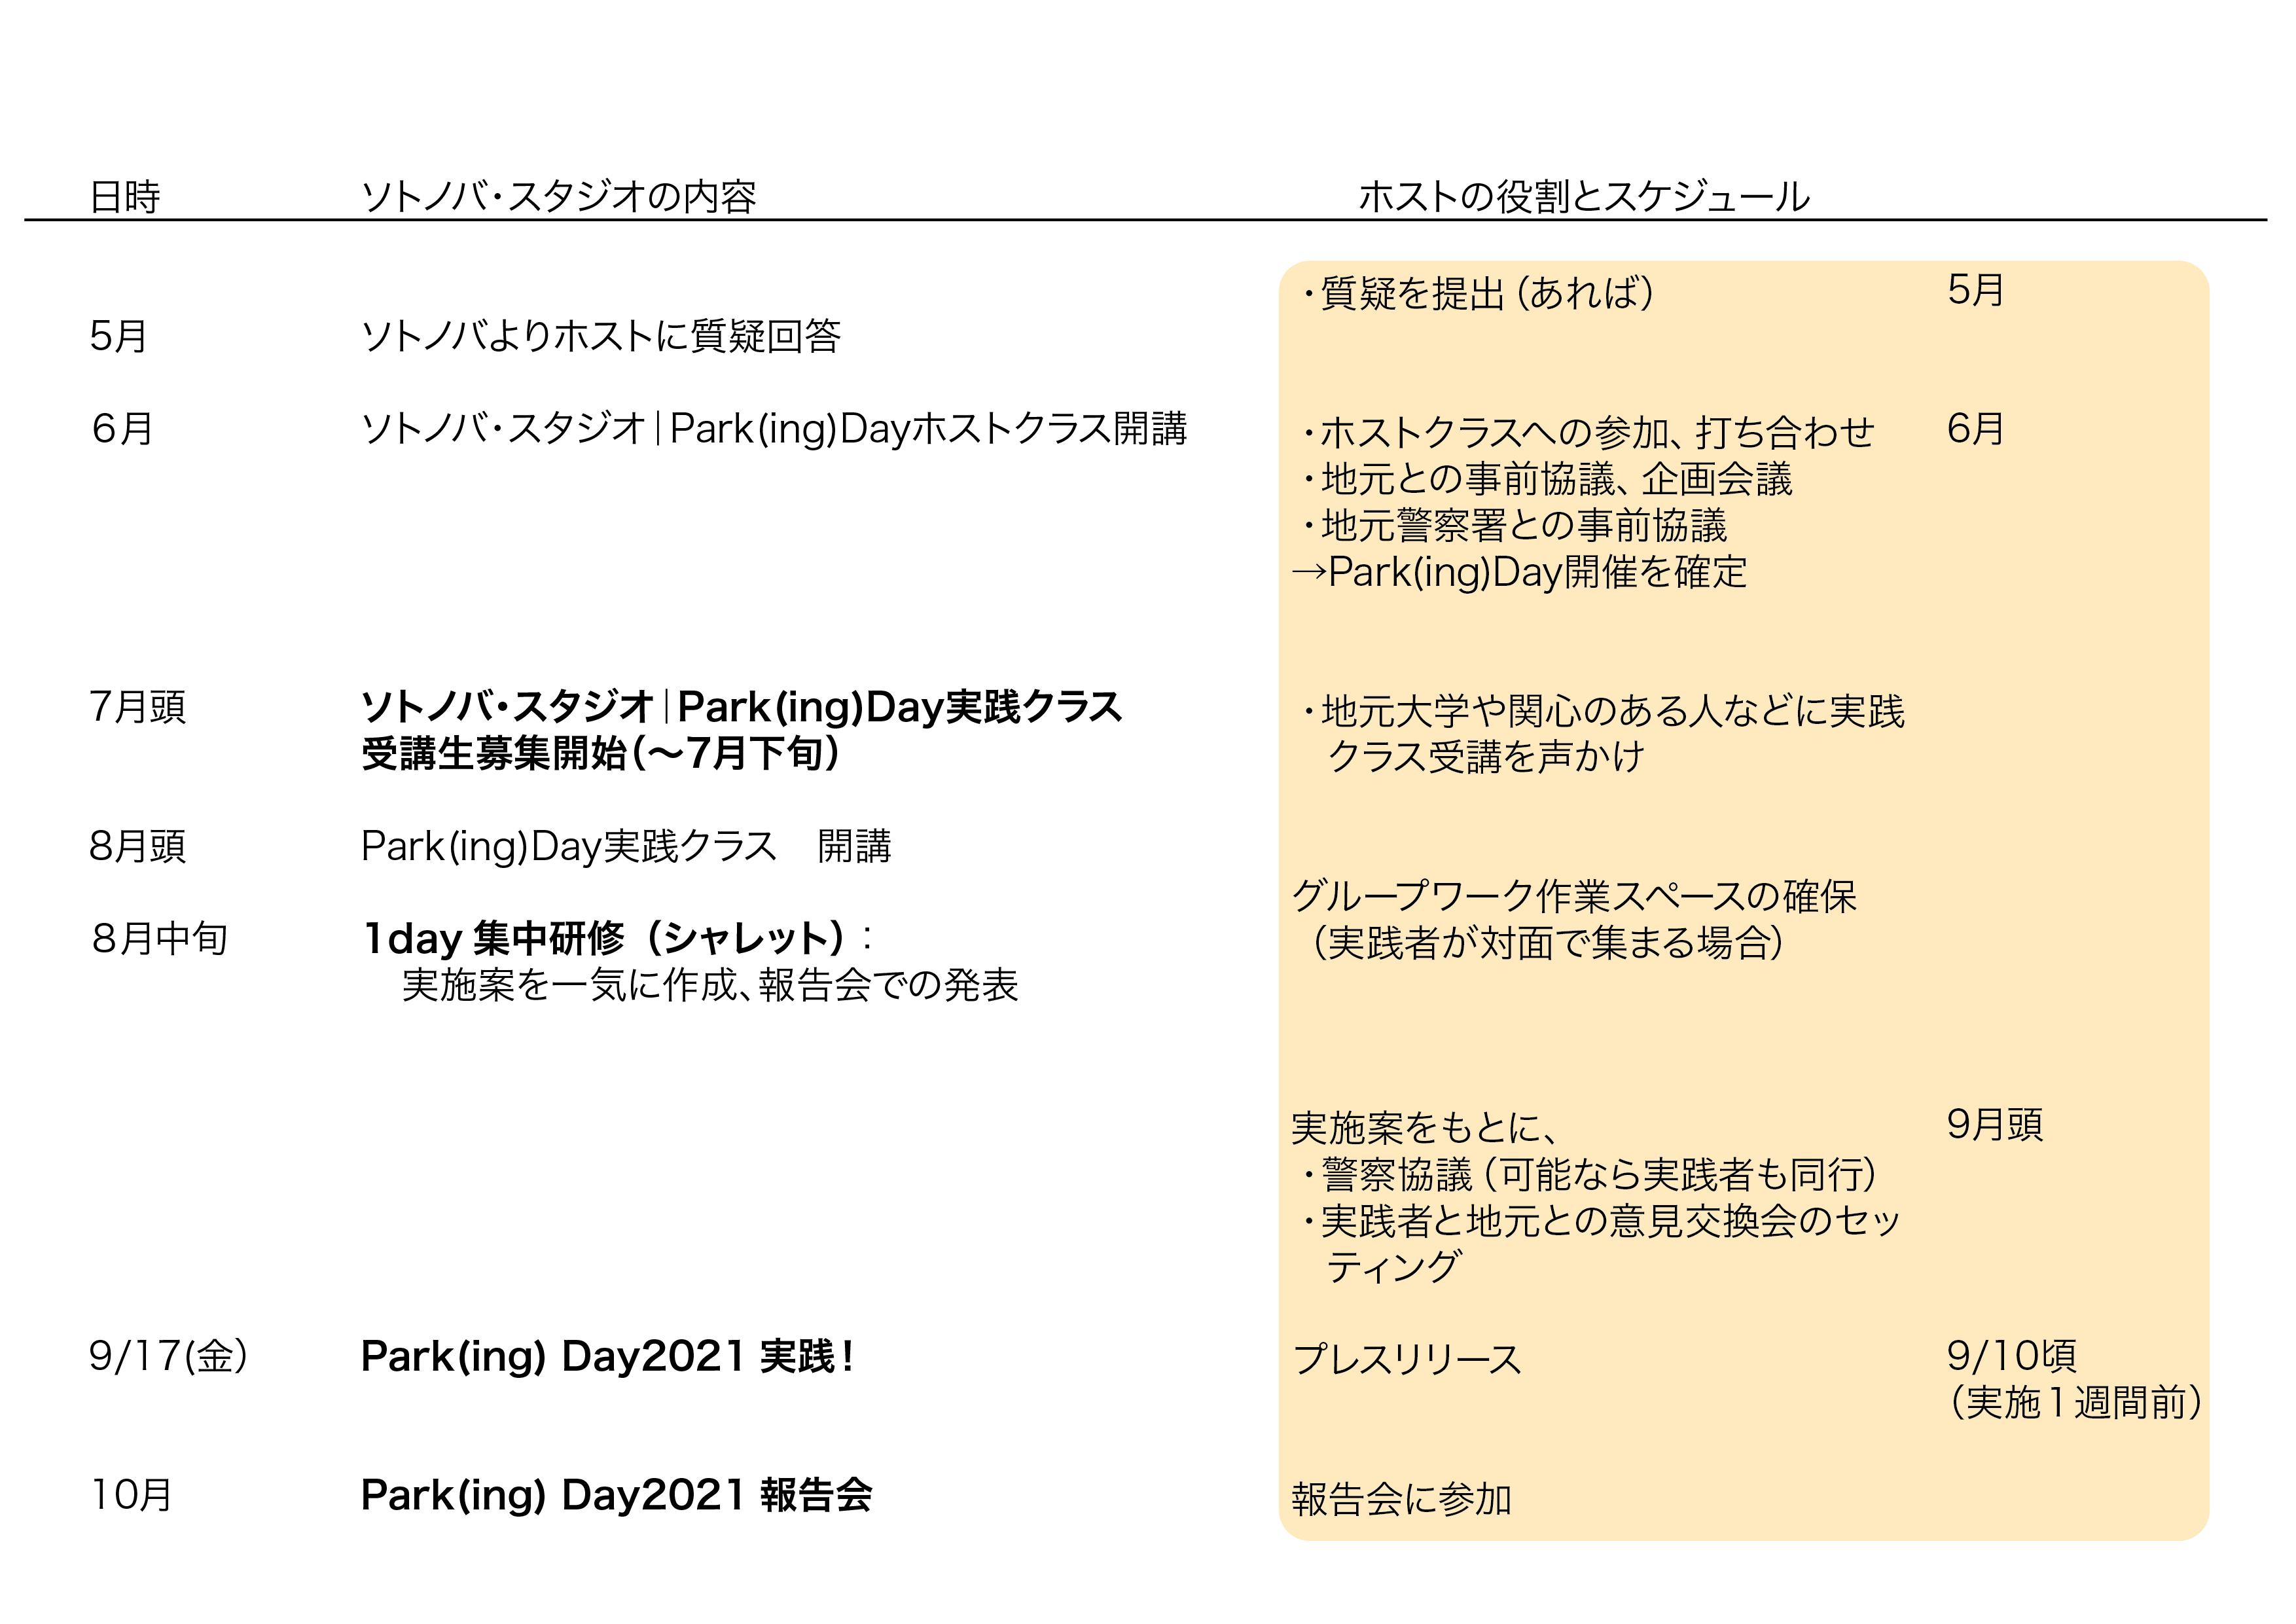 210516parkingday-schedule